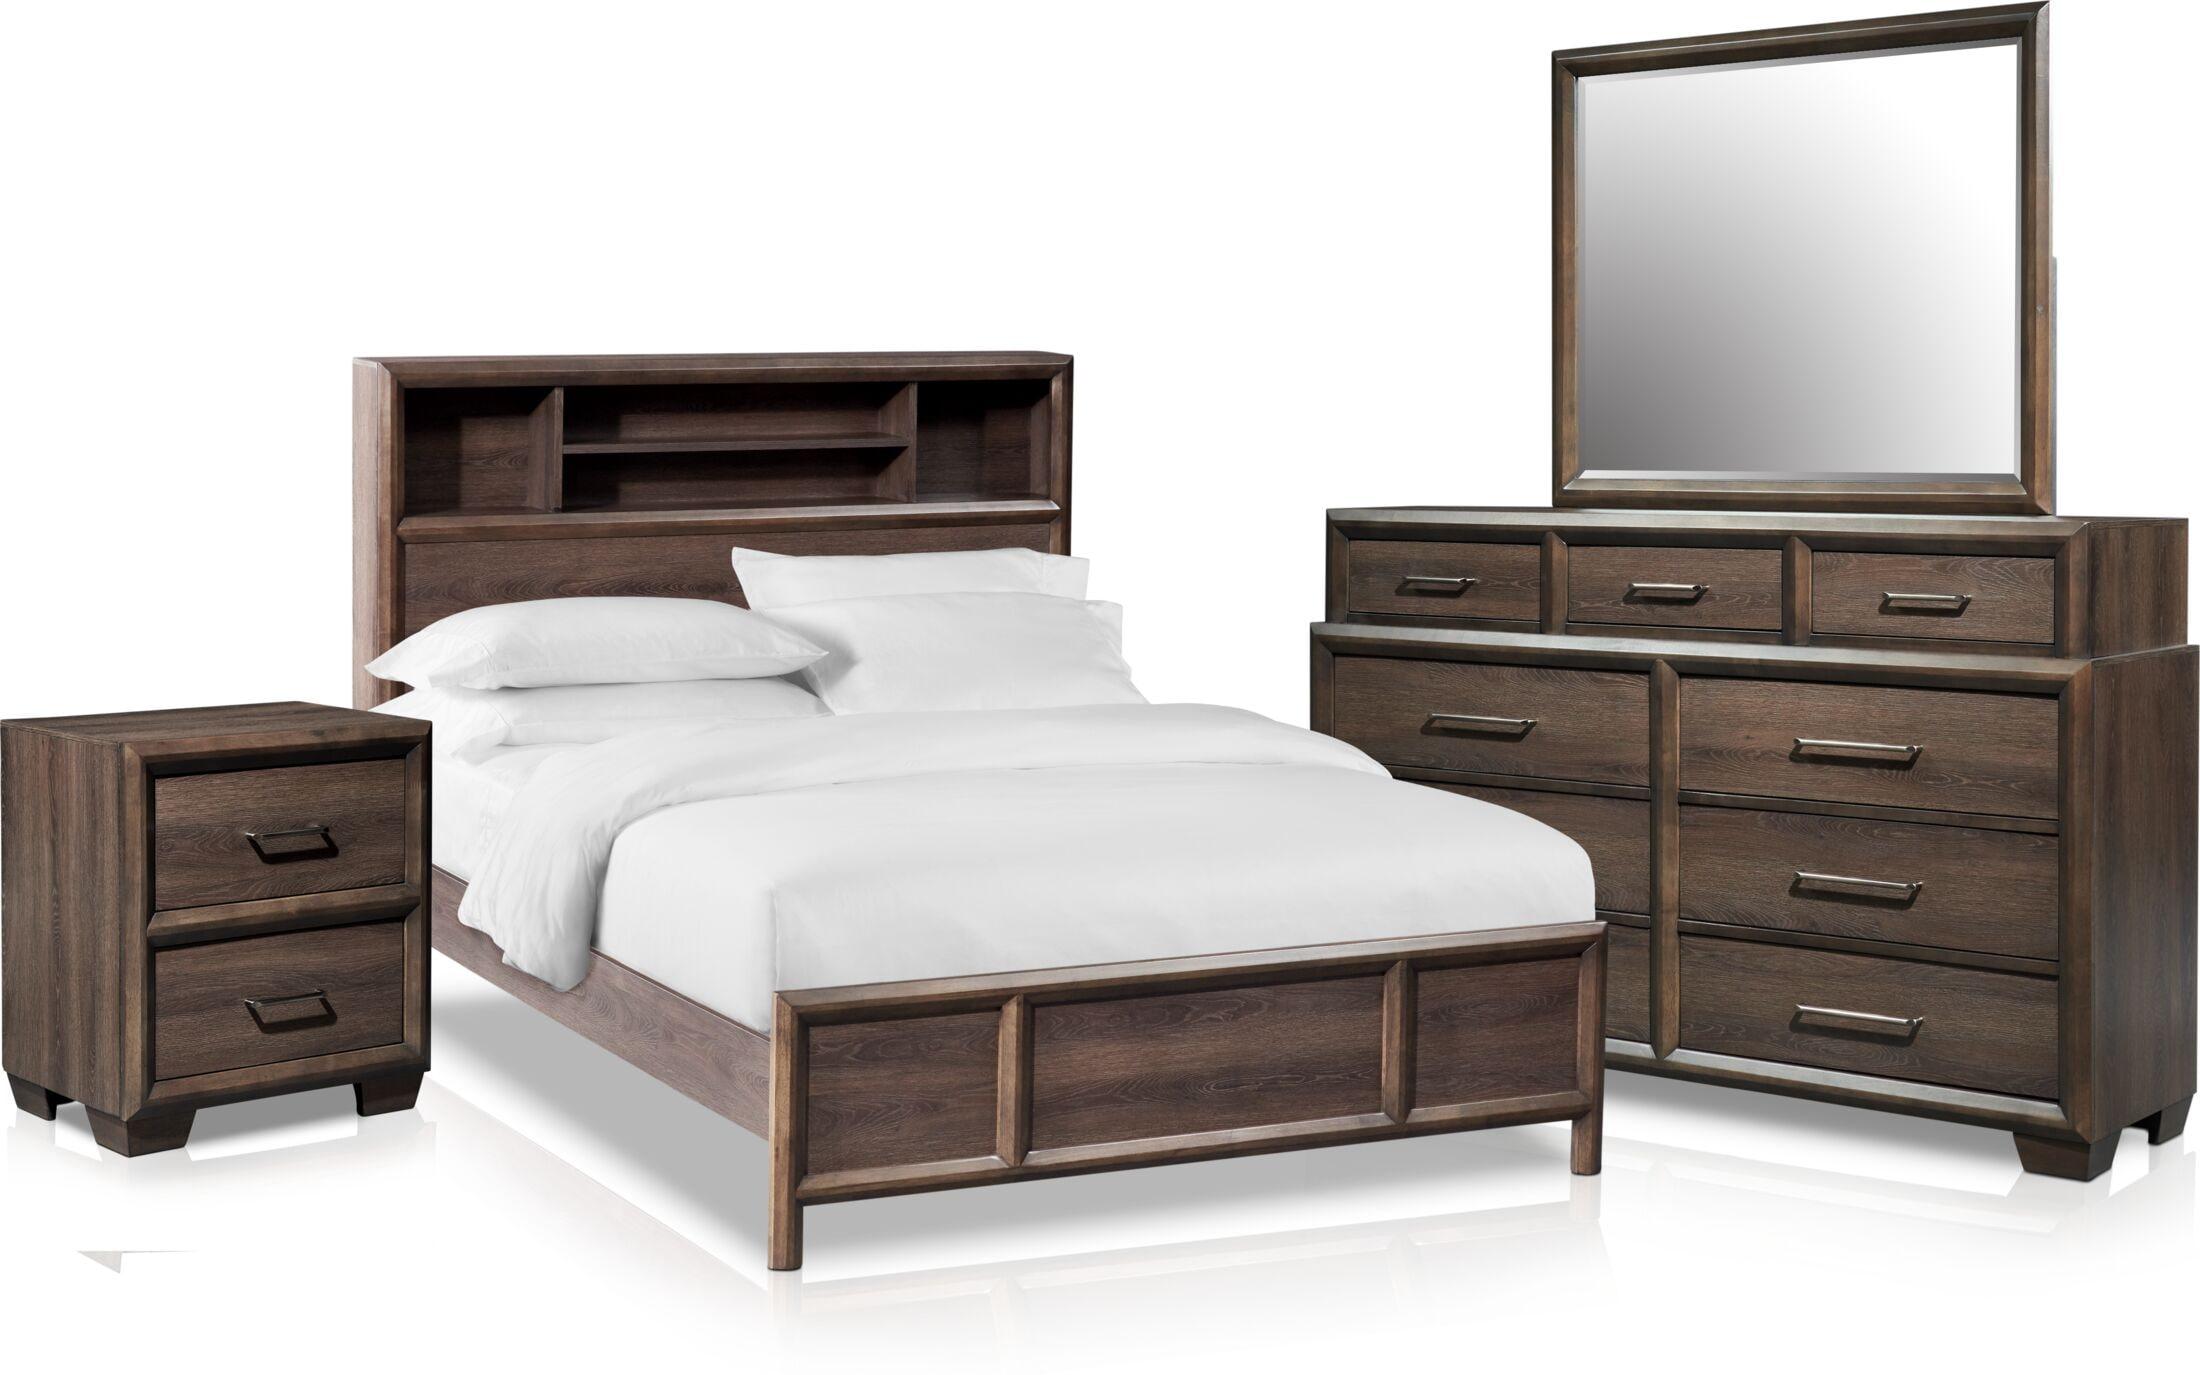 Bedroom Furniture - Dakota 6-Piece Bookcase Bedroom Set with Nightstand, Dresser and Mirror